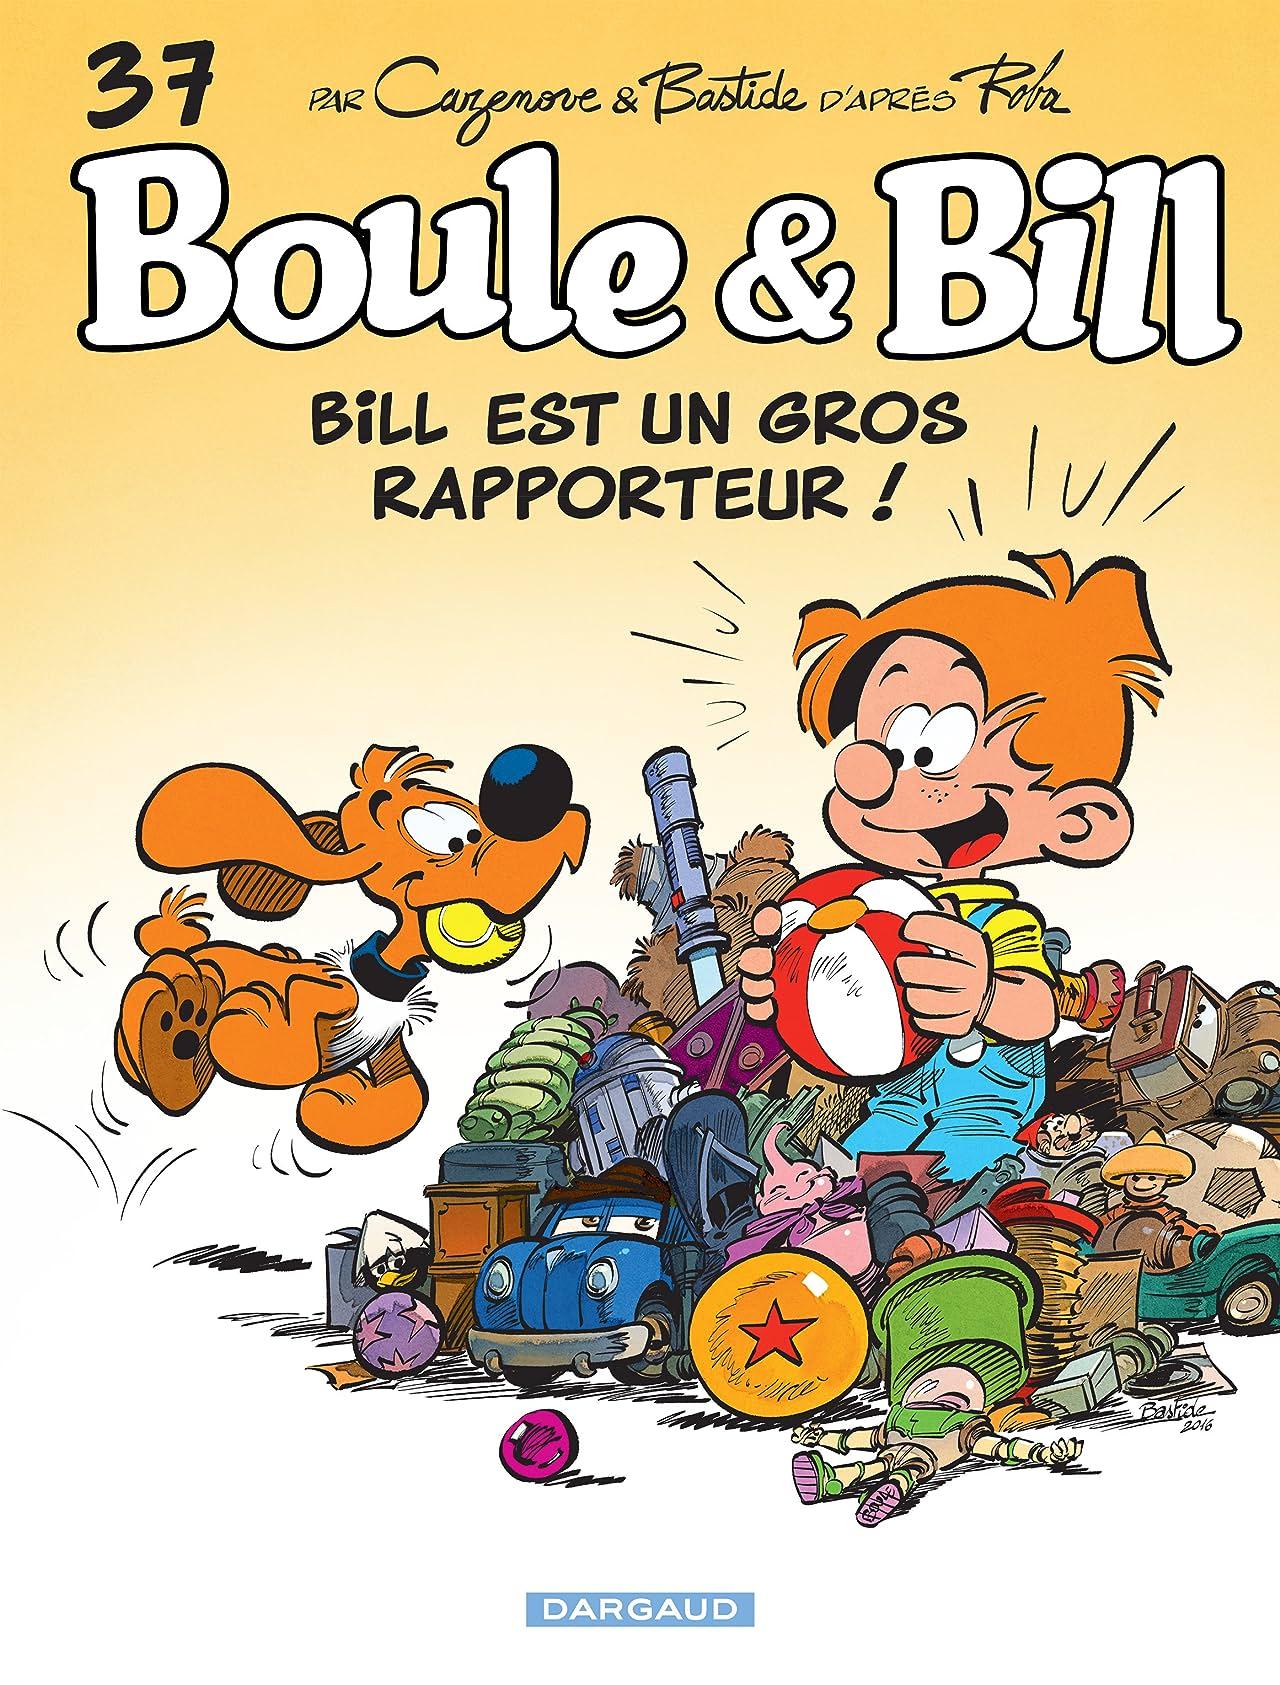 Boule & Bill Vol. 37: Bill est un gros rapporteur !